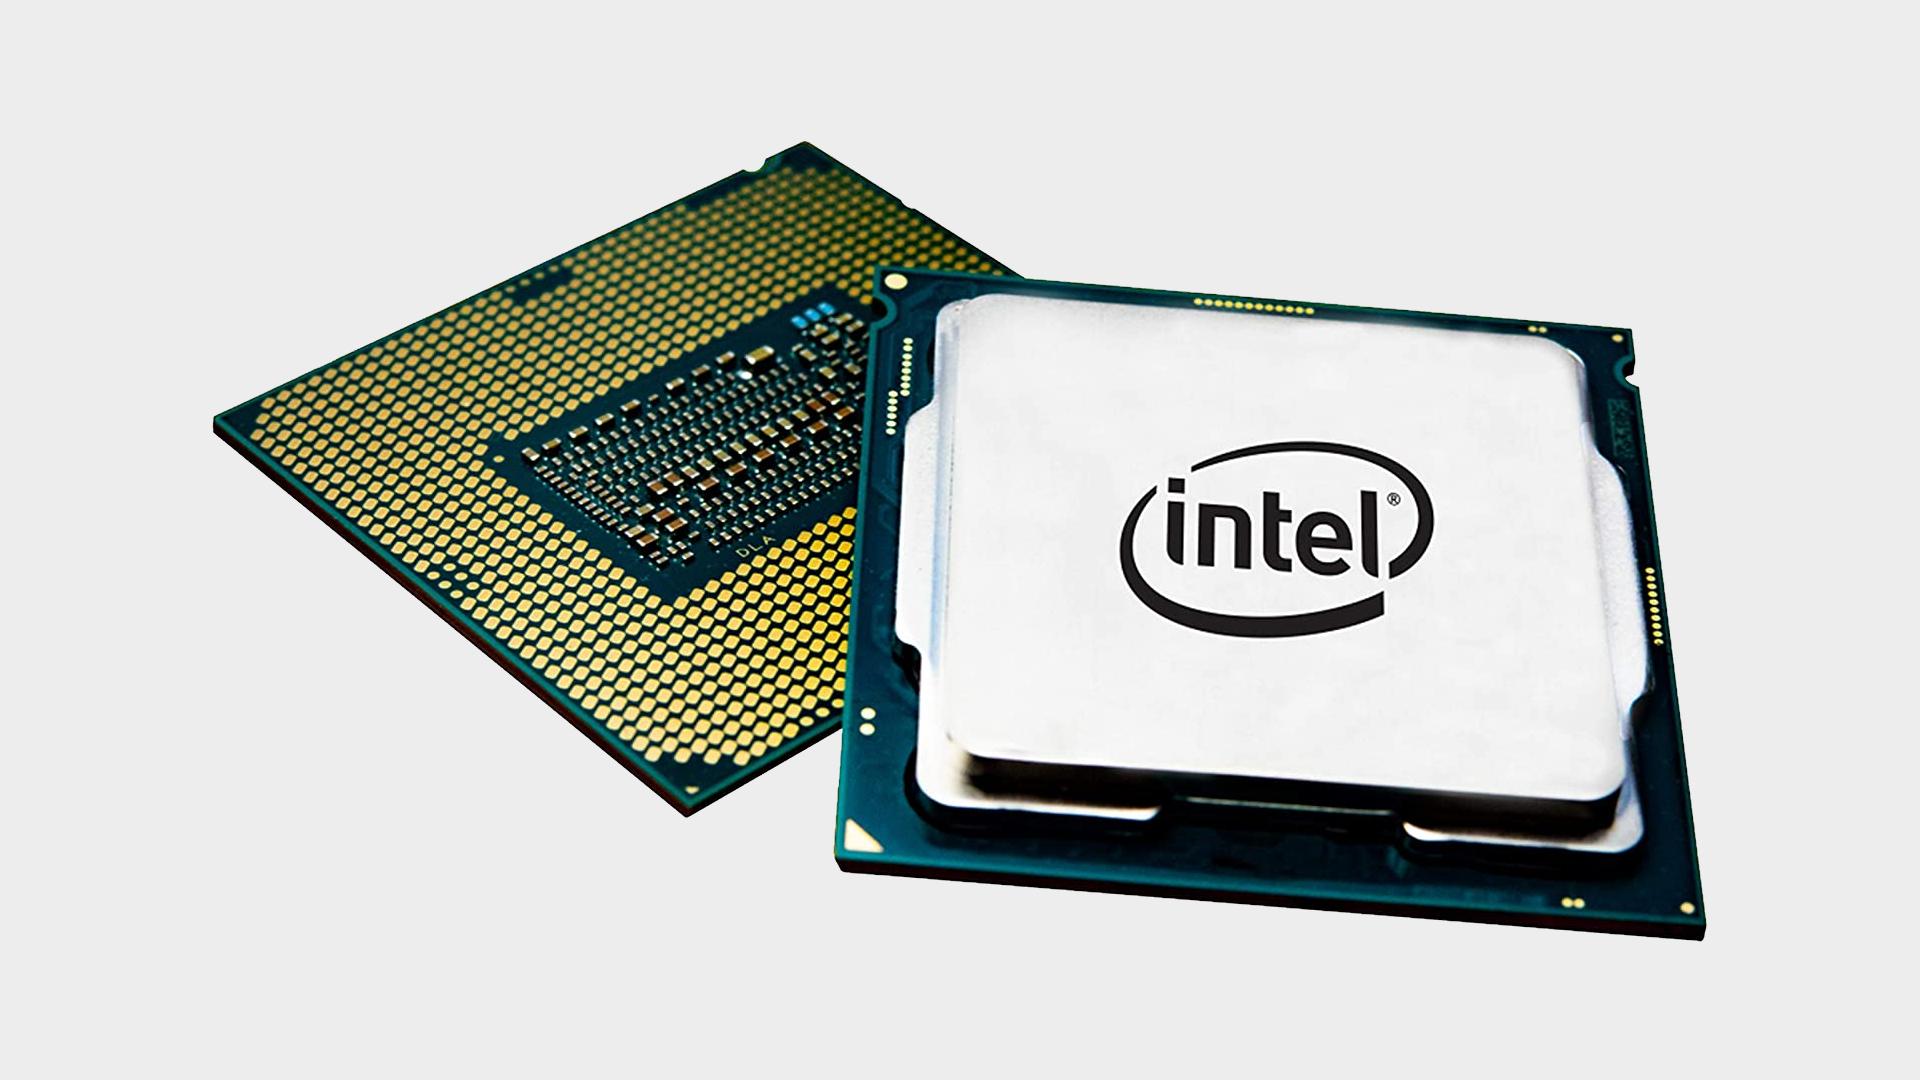 Should I buy an Intel Core i5-9500 CPU?